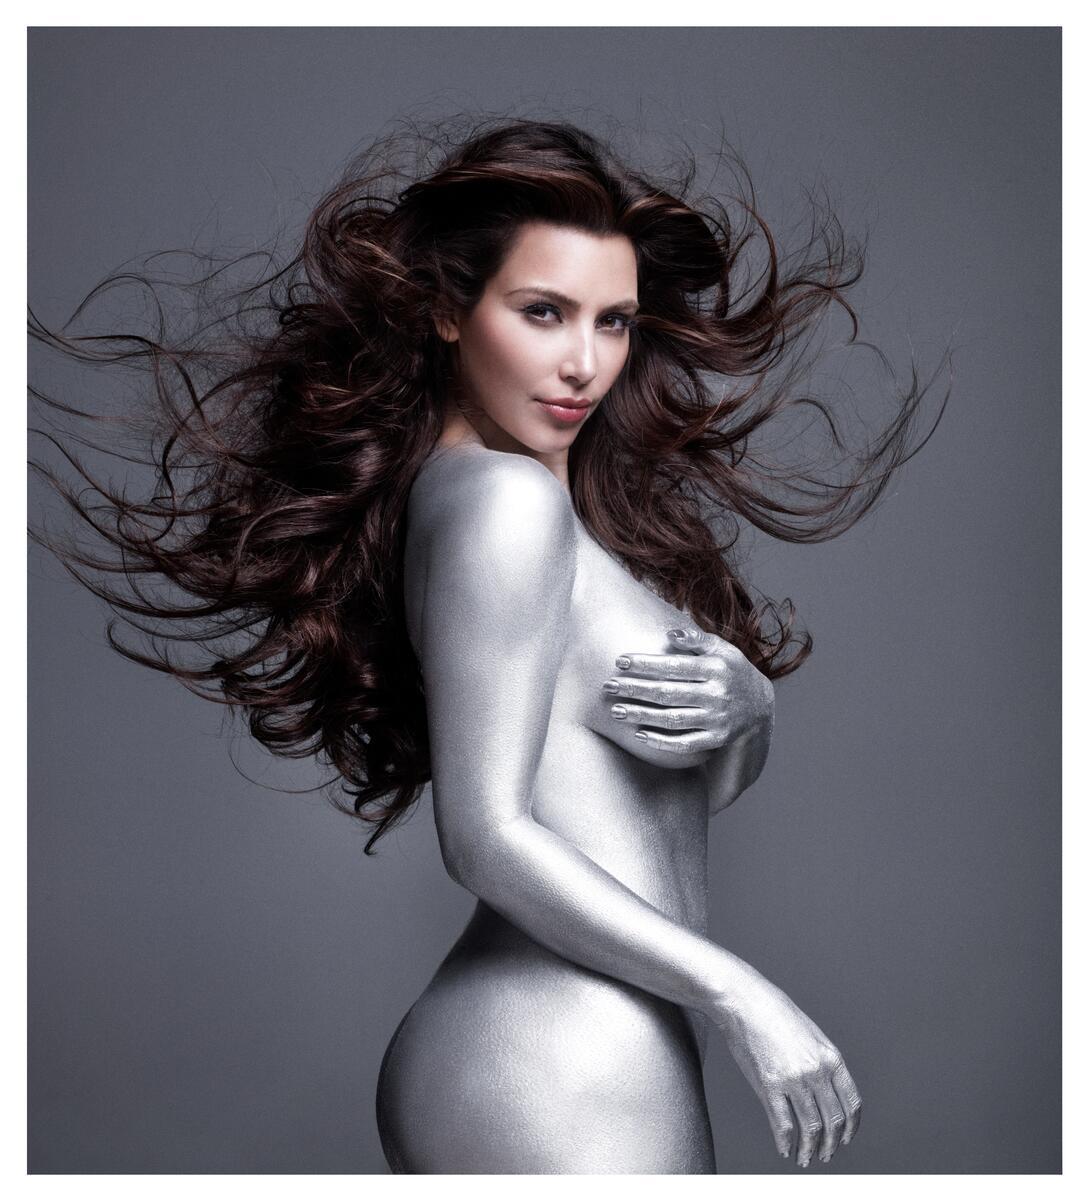 Kim Kardashian Nude Body Paint Photoshoot Leaked Munllg